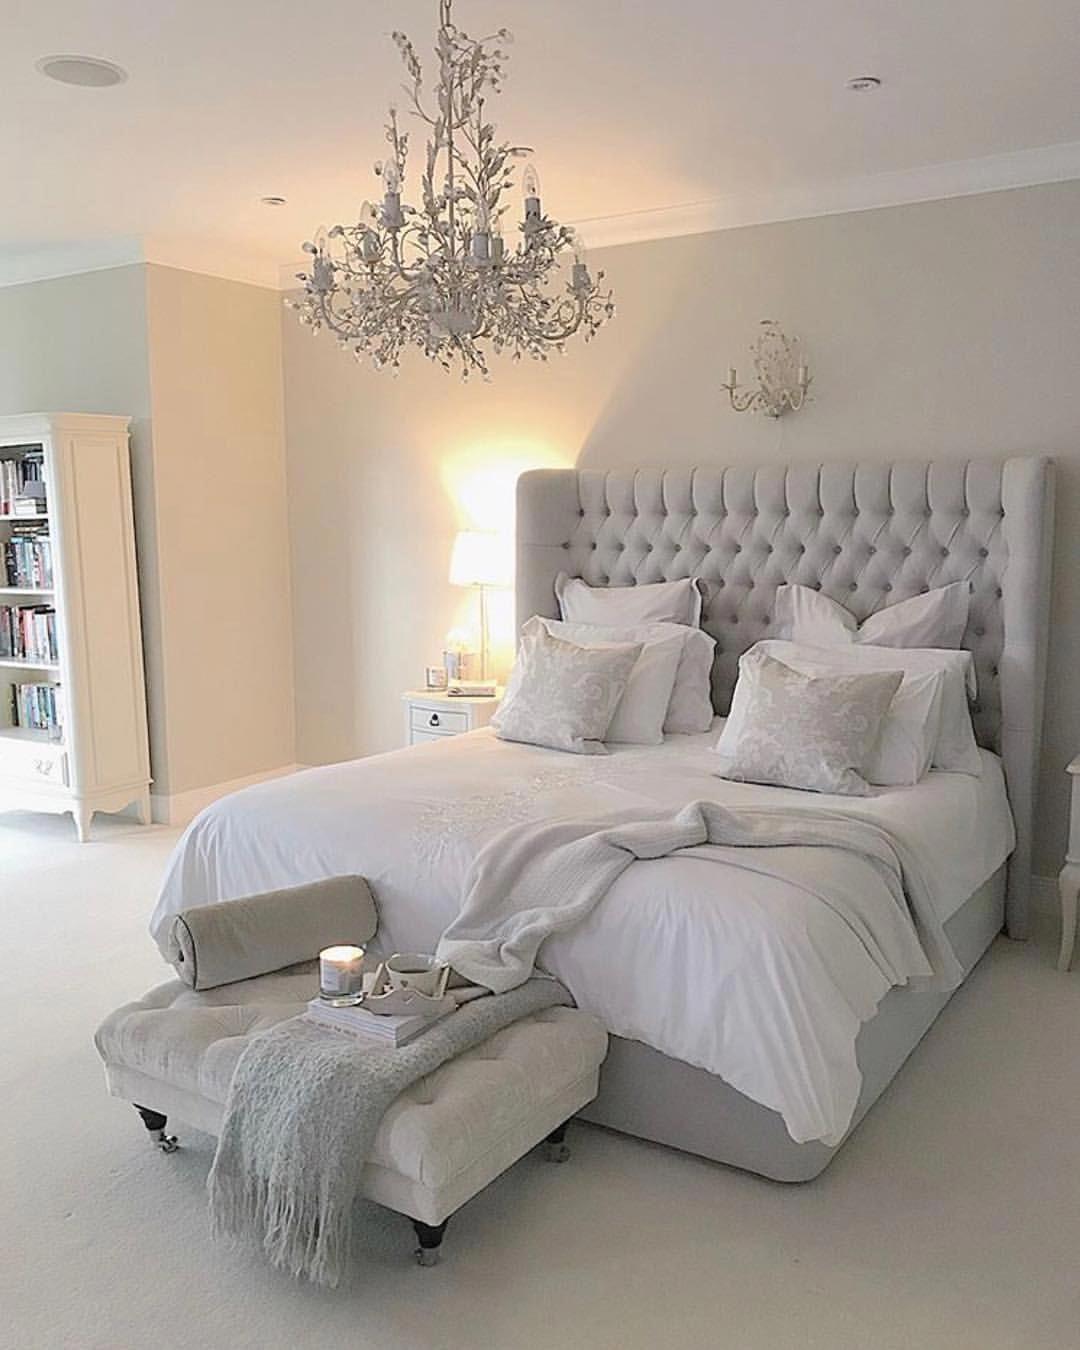 Epingle Par Maria Kim Sur Maison En 2020 Deco Chambre A Coucher